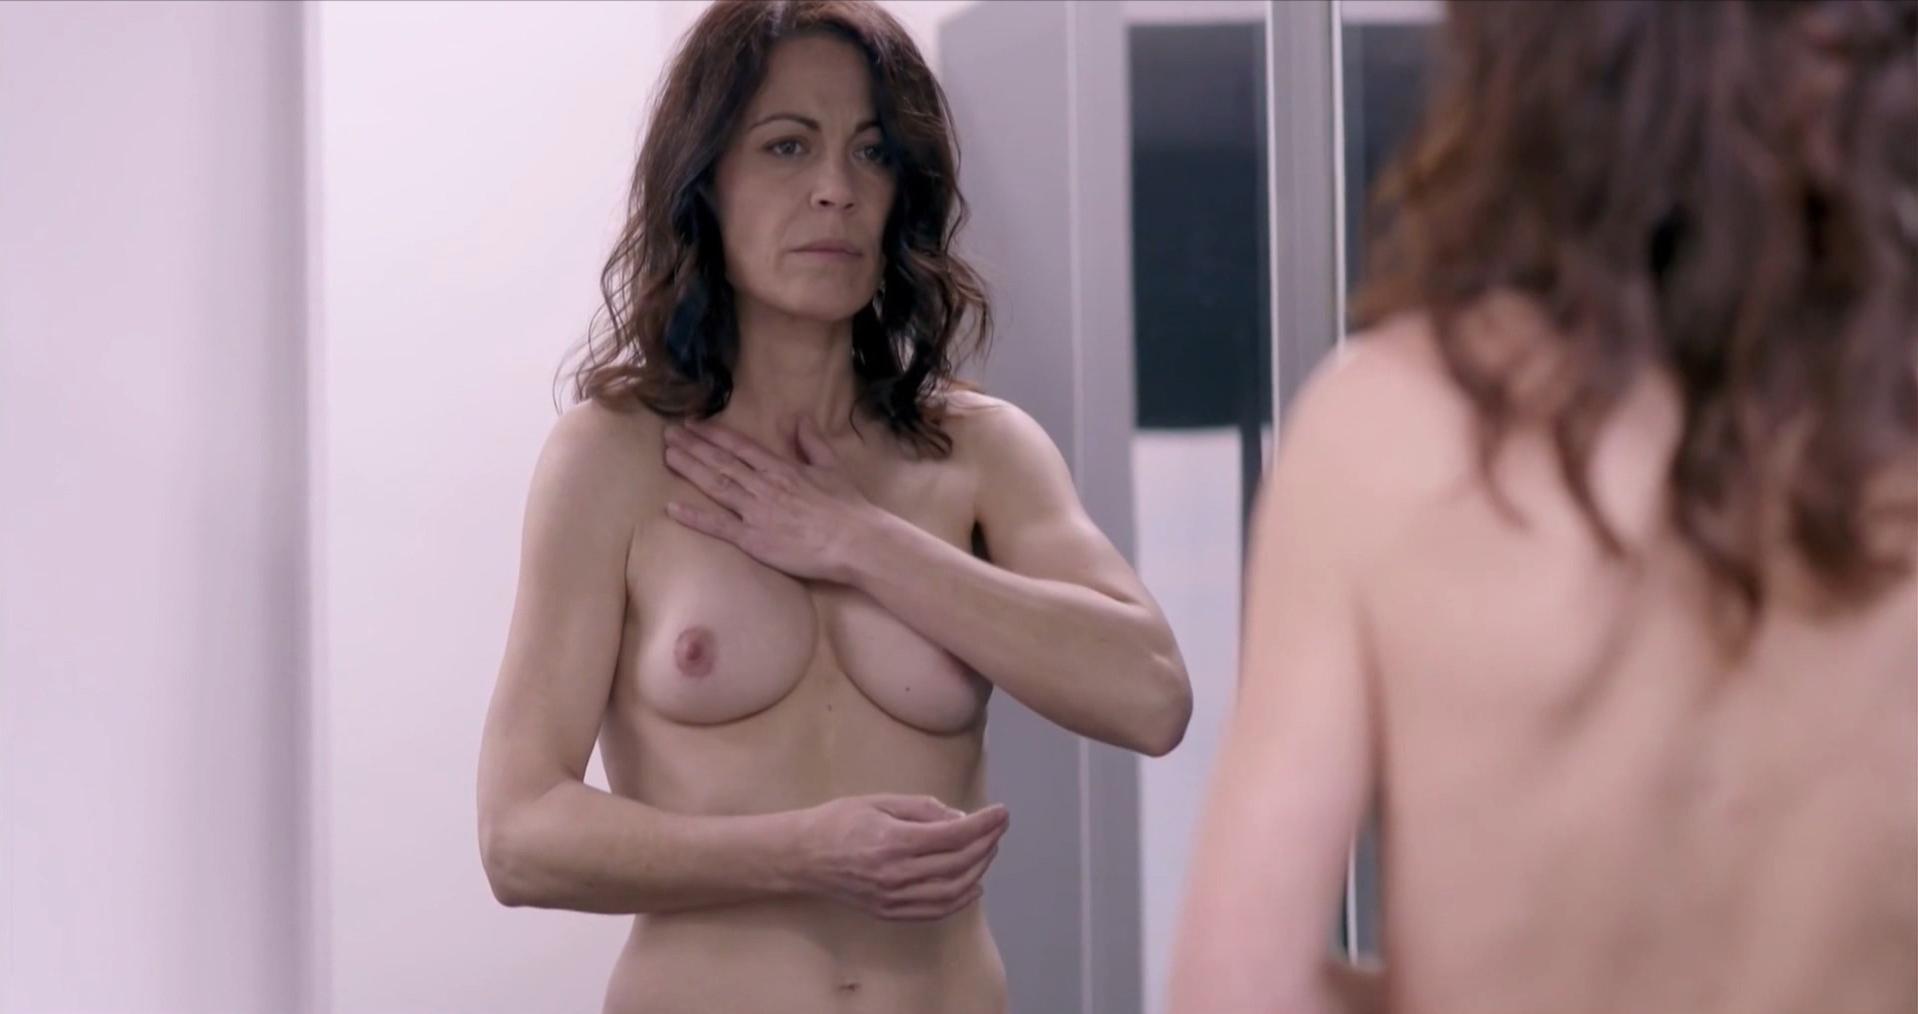 Swimwear German Nude Actress Pic